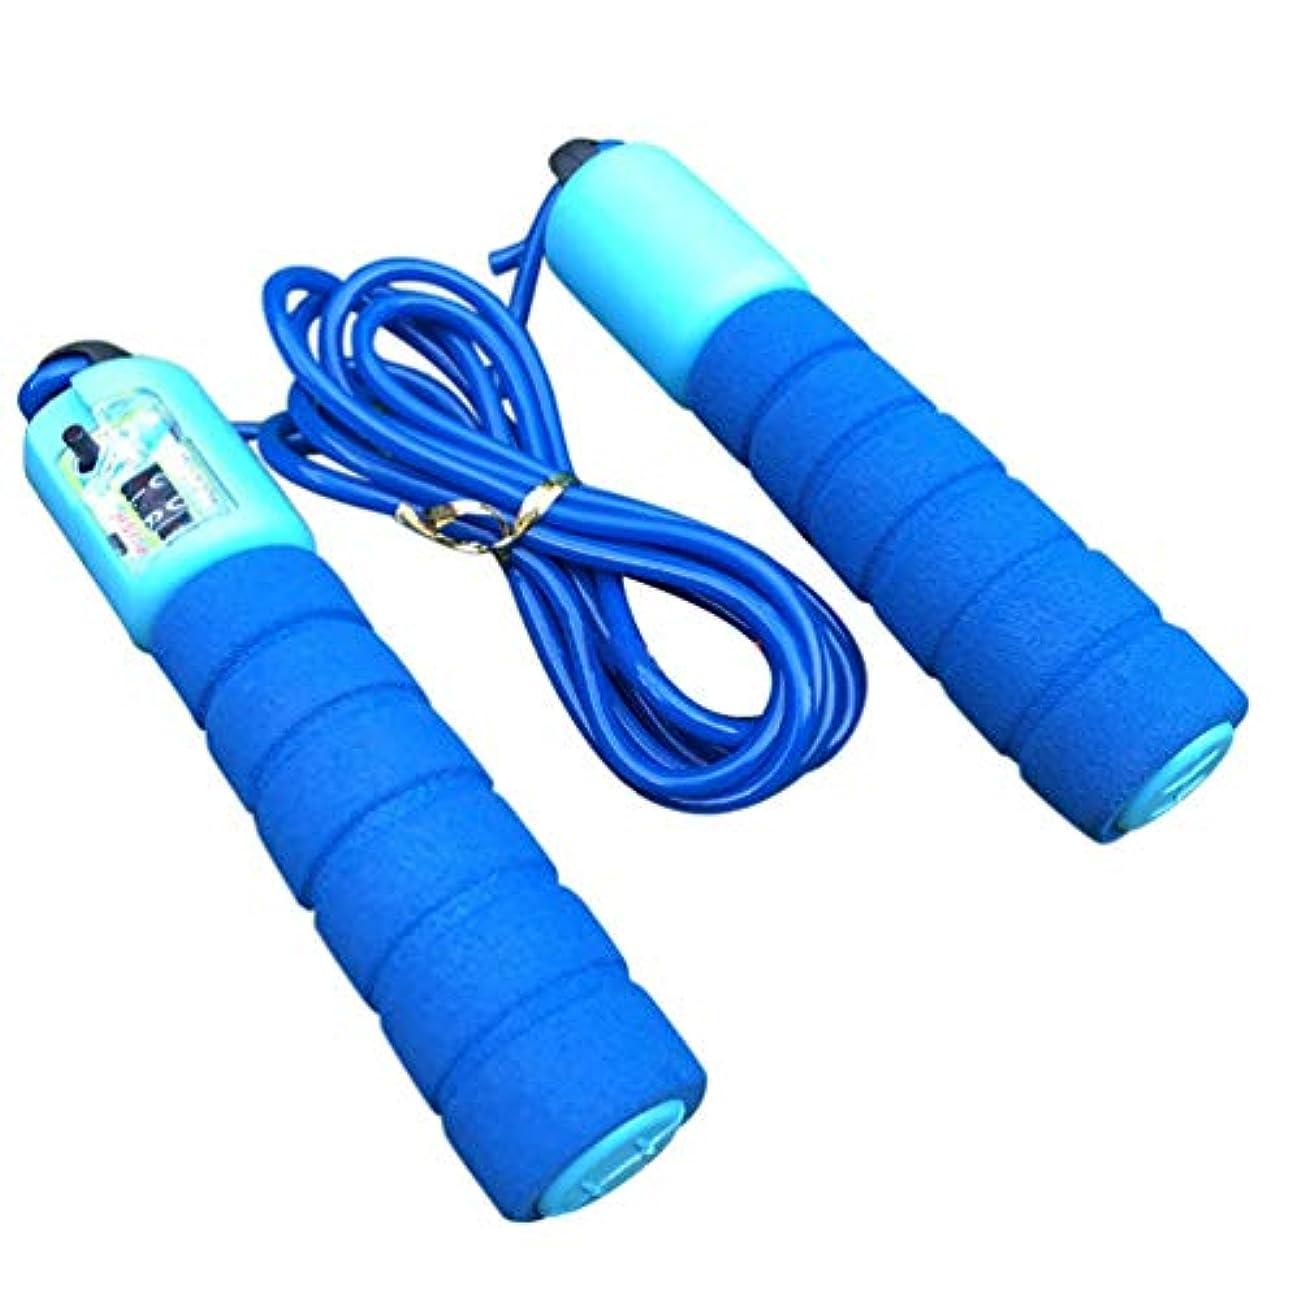 図寛大な波紋調整可能なプロフェッショナルカウント縄跳び自動カウントジャンプロープフィットネス運動高速カウントジャンプロープ - 青